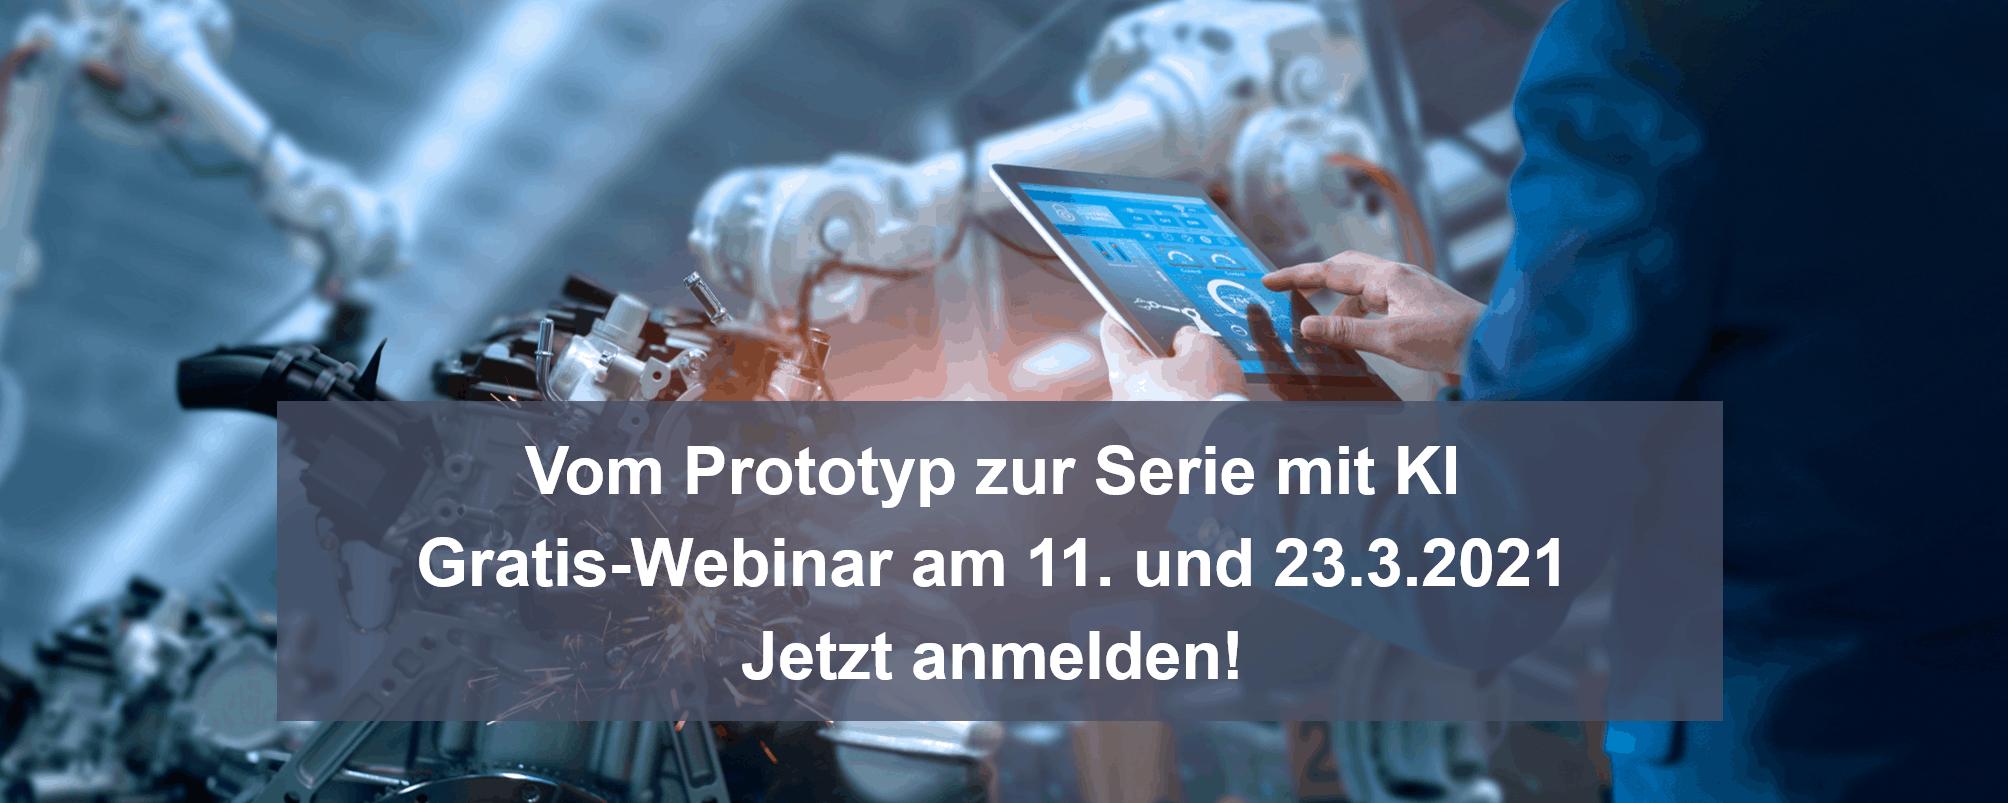 Mit KI sicher vom Prototyp zur Serie – Gratis-Webinar zur Industrialisierung